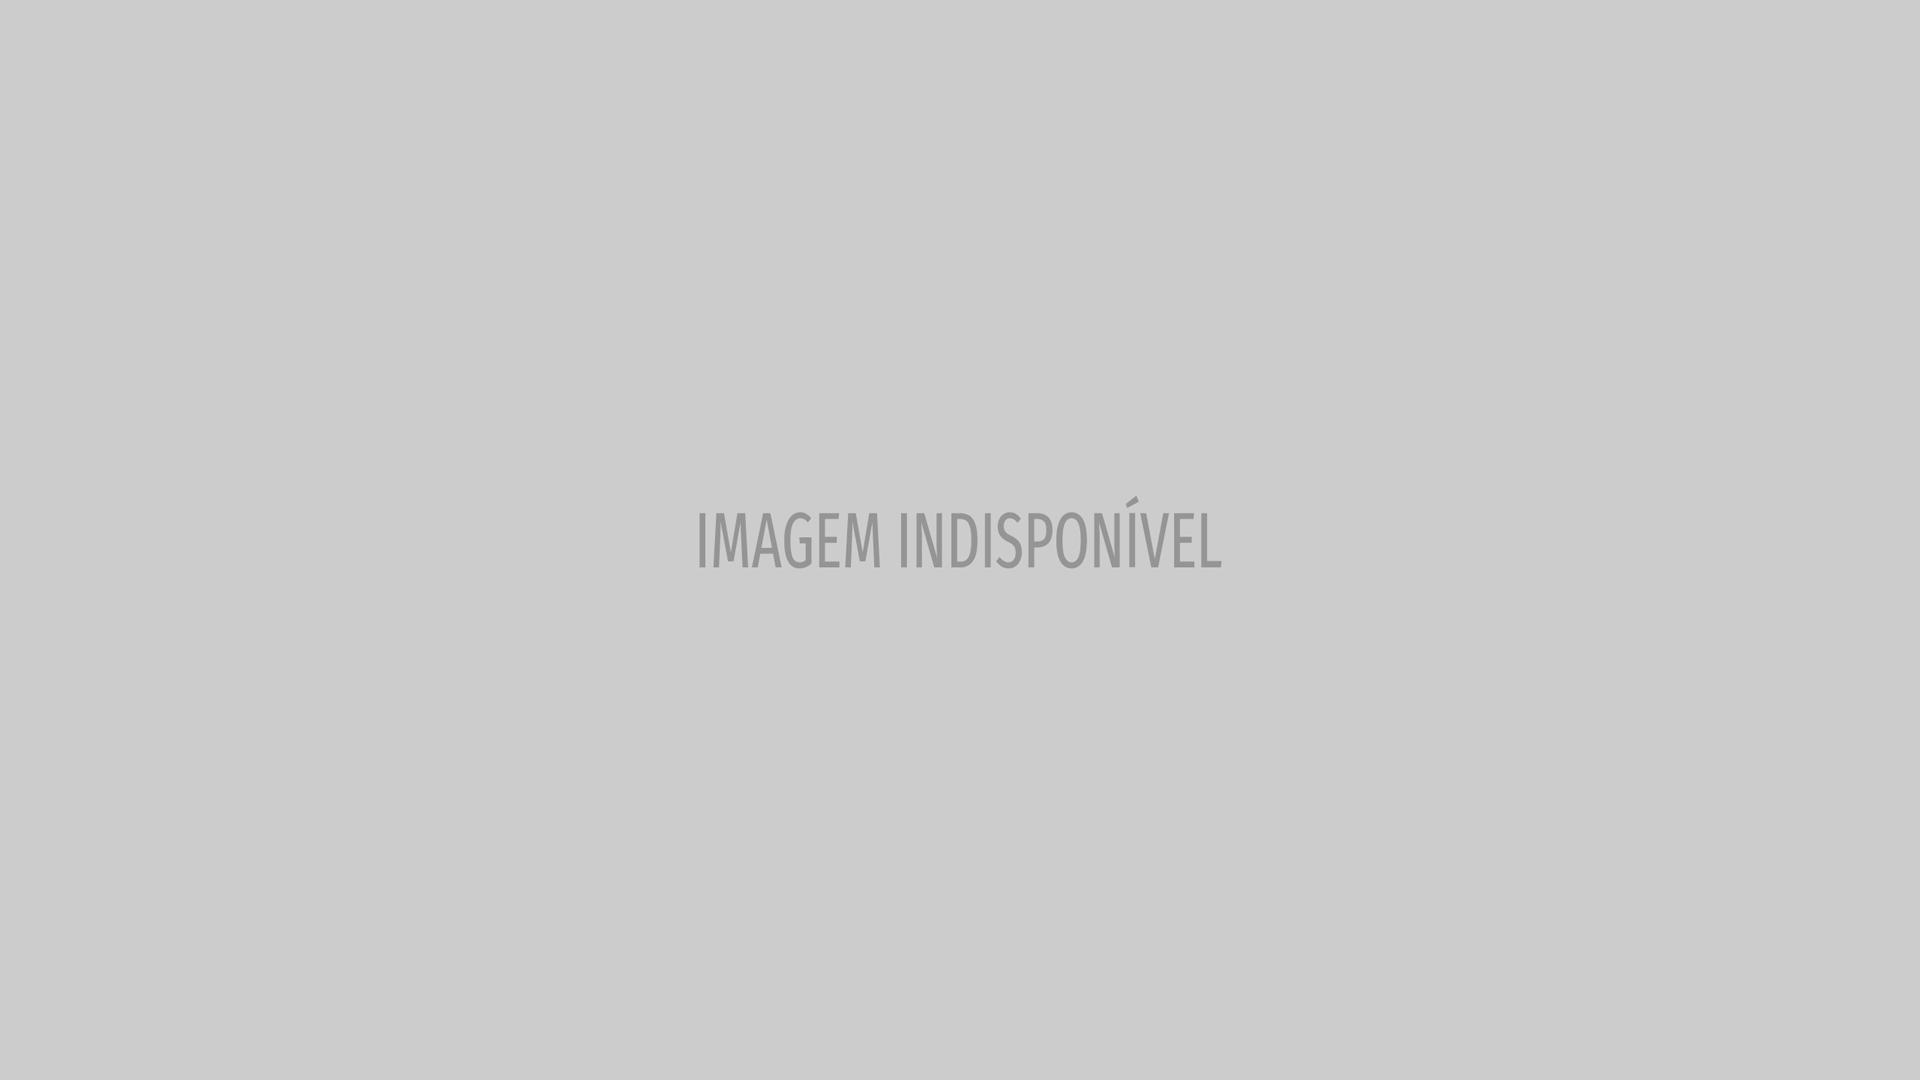 Objeto extraterrestre faz cientistas repensarem origem do universo